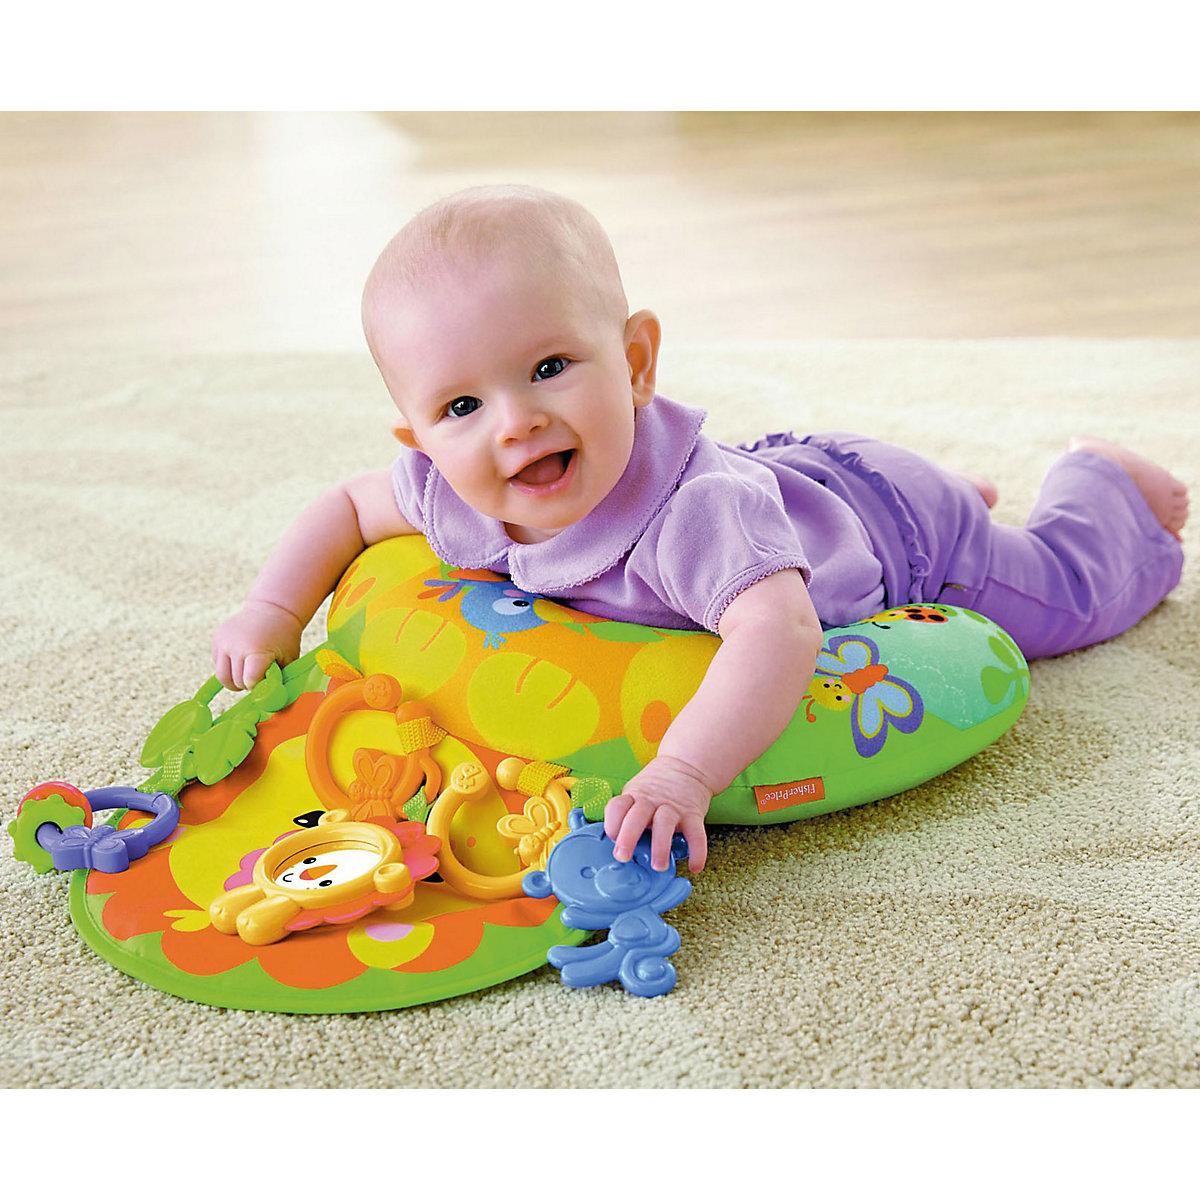 Spielzeug Für Neugeborene : fisher price l wen spielkissen bauchlage baby spielzeug f r neugeborene fisher price mytoys ~ Watch28wear.com Haus und Dekorationen